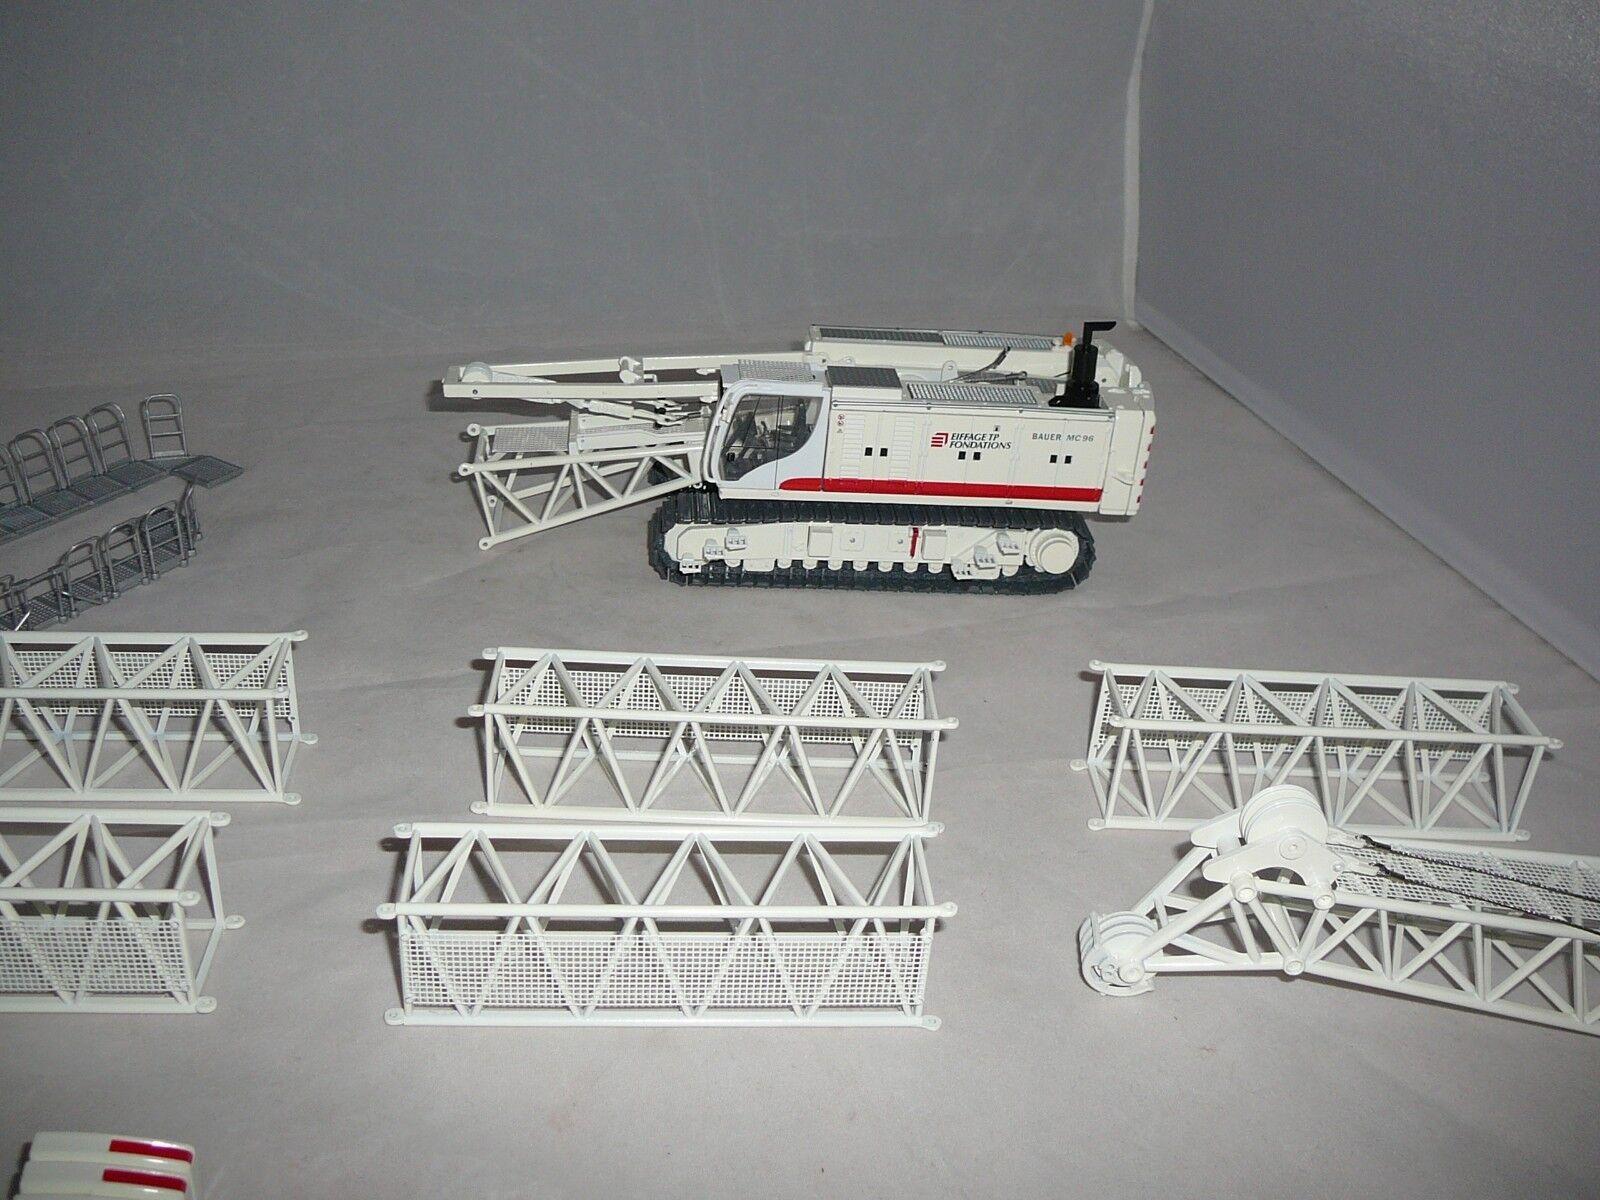 Bauer-mc96 avec schlitzwandfräse bc35 et HDS-T-pelles Eiffage mesure 1 50